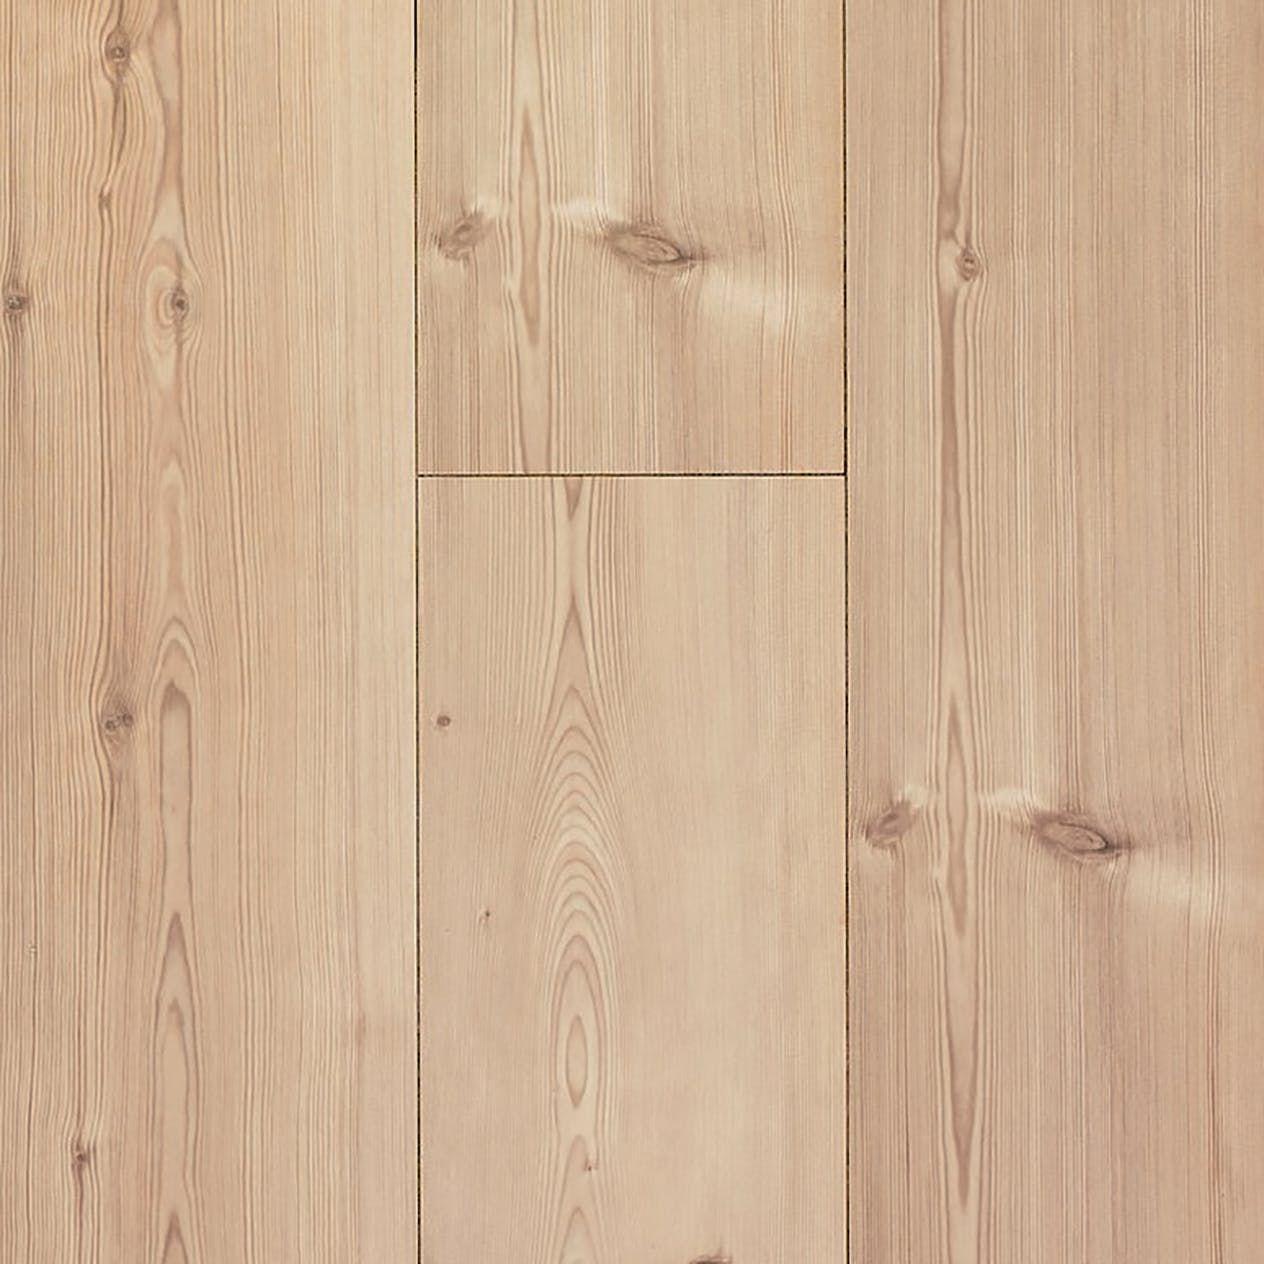 Laminatgolv Berryalloc Original White Pine 1 Stav Revetement De Sol En Bois